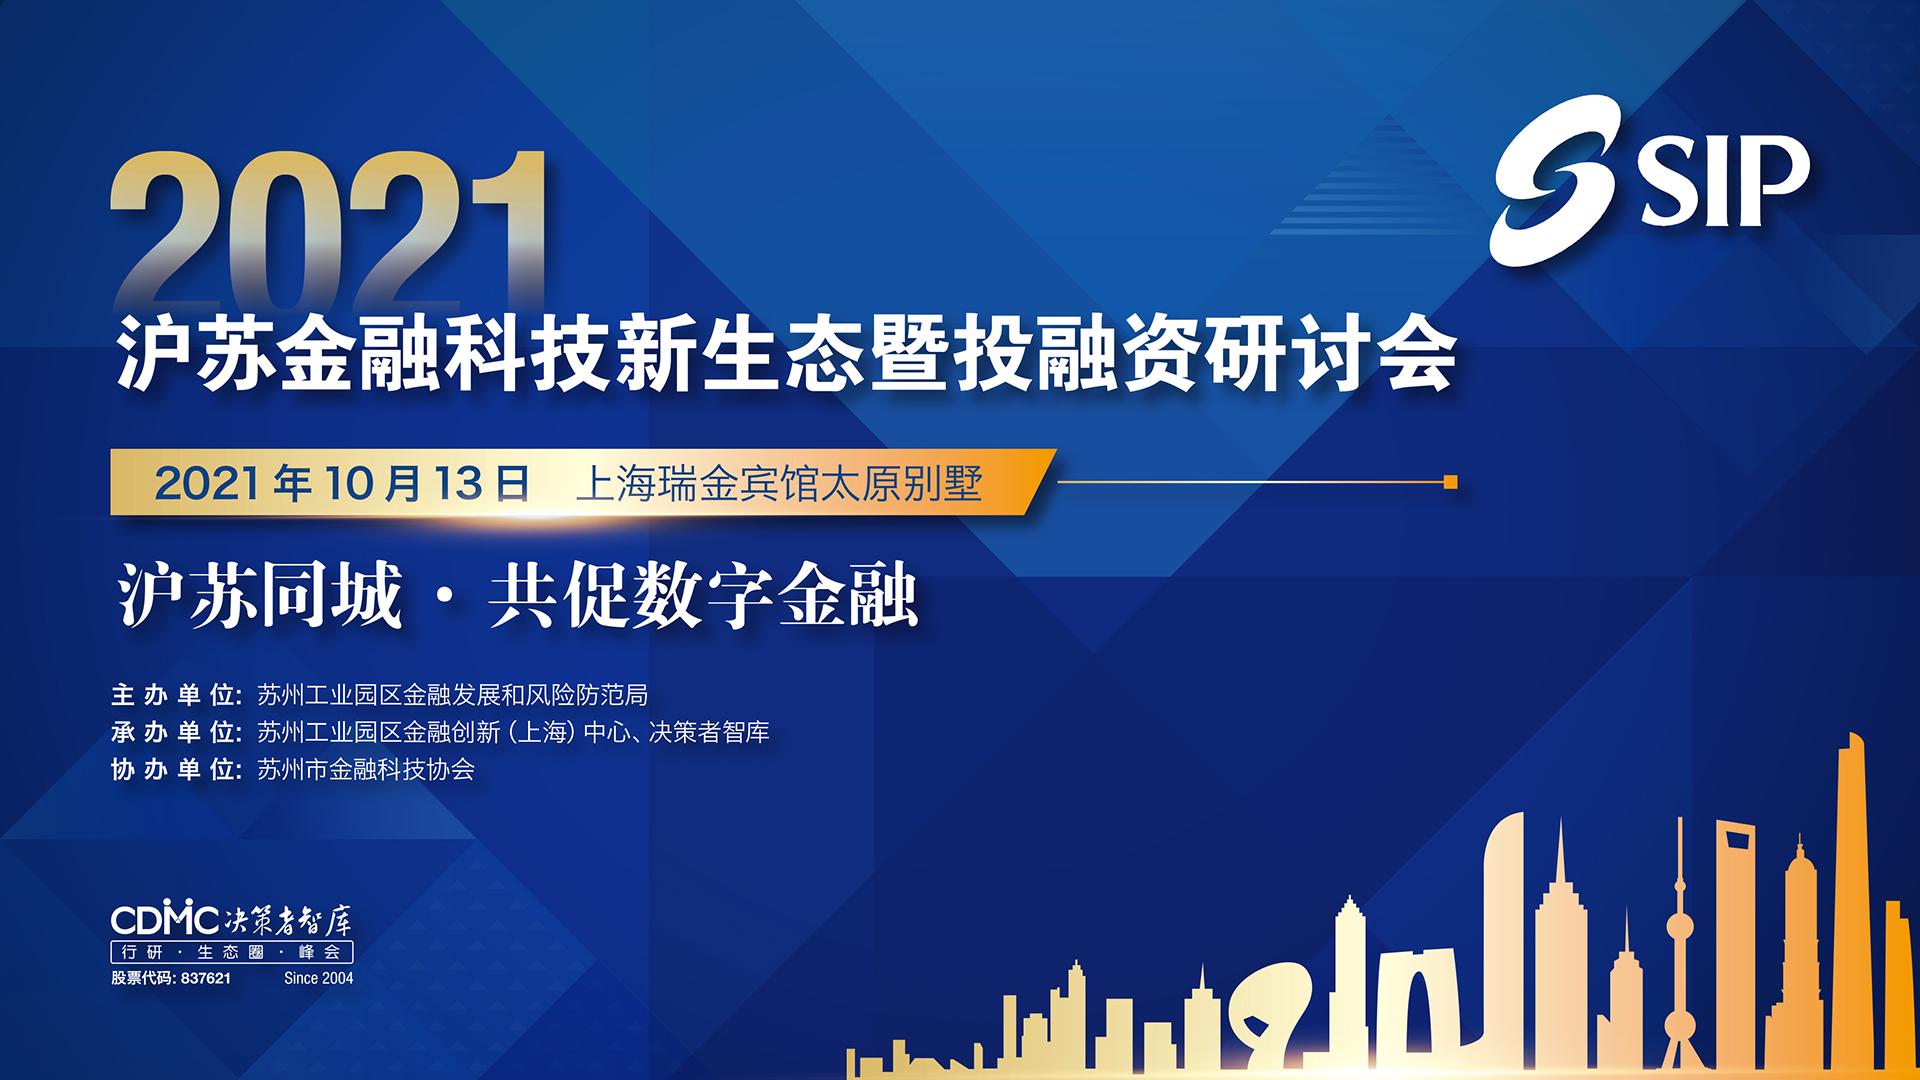 2021沪苏金融科技新生态暨投融资研讨会_门票优惠_活动家官网报名